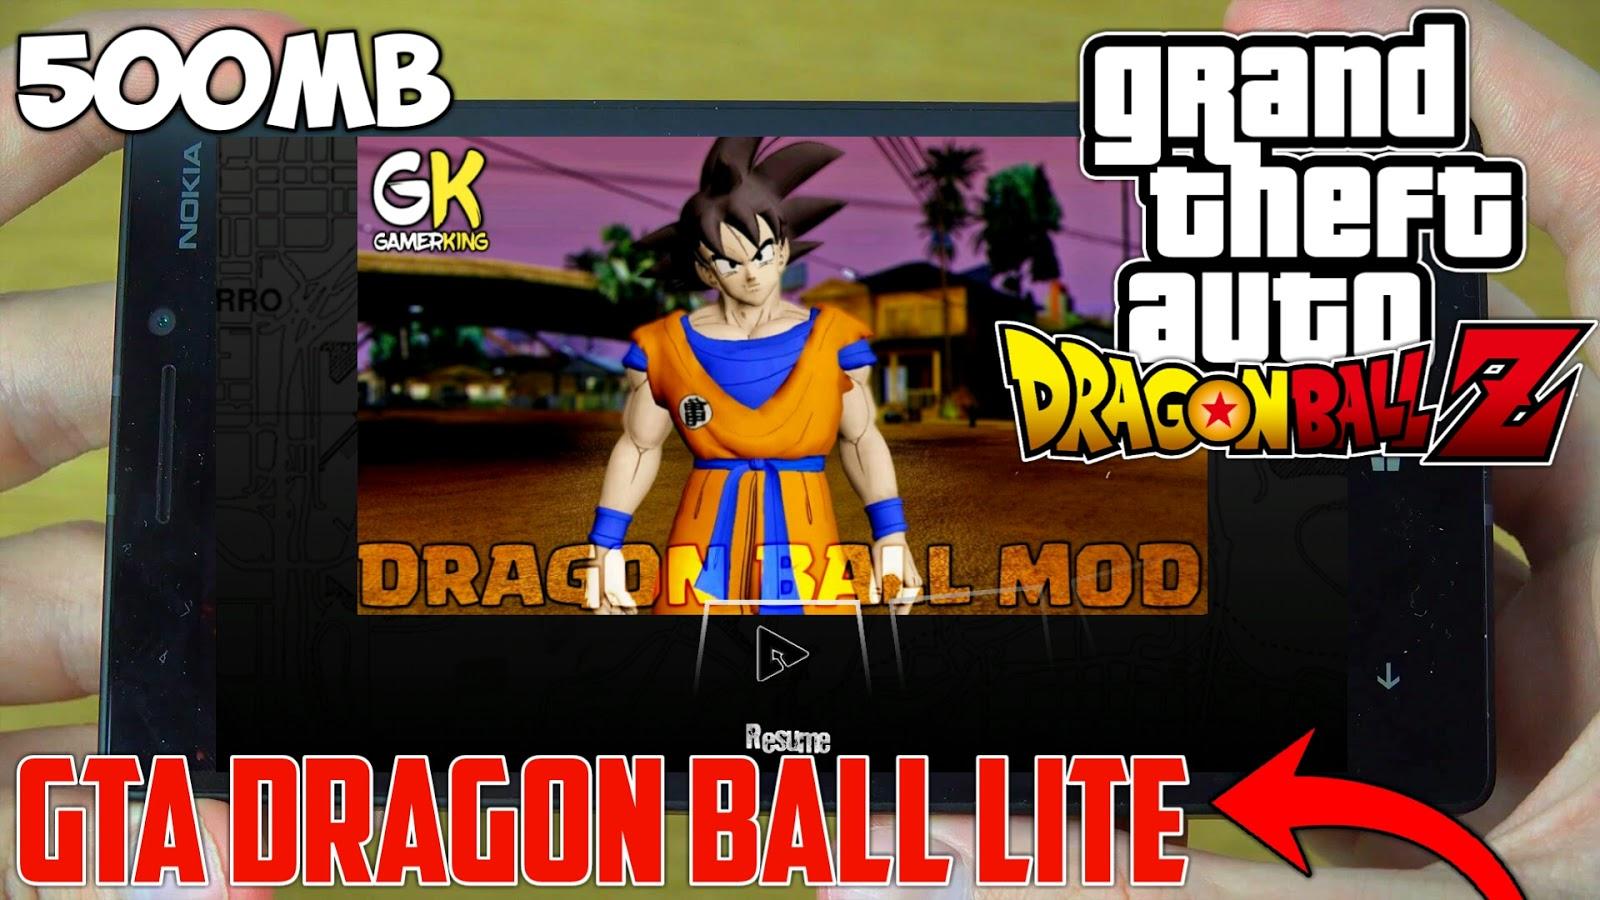 🌈 Gta 4 dragon ball z mod download | Dragon Ball Xenoverse